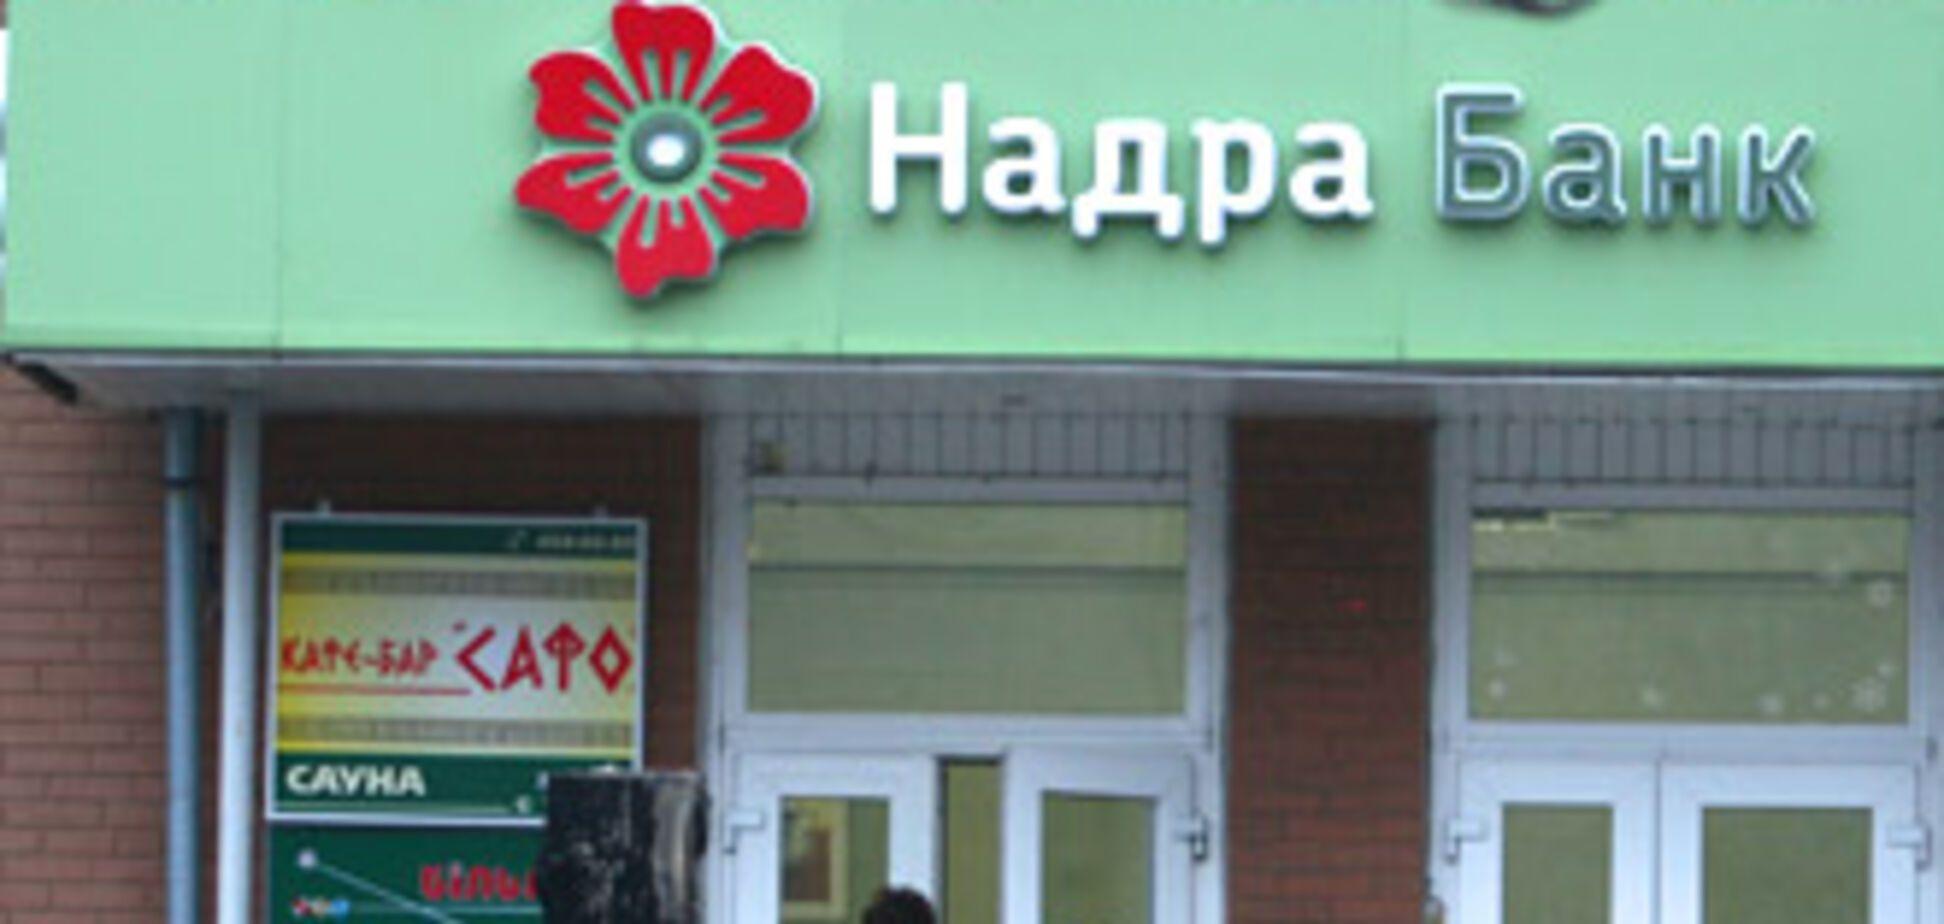 Банк 'Надра' поймали на криминале